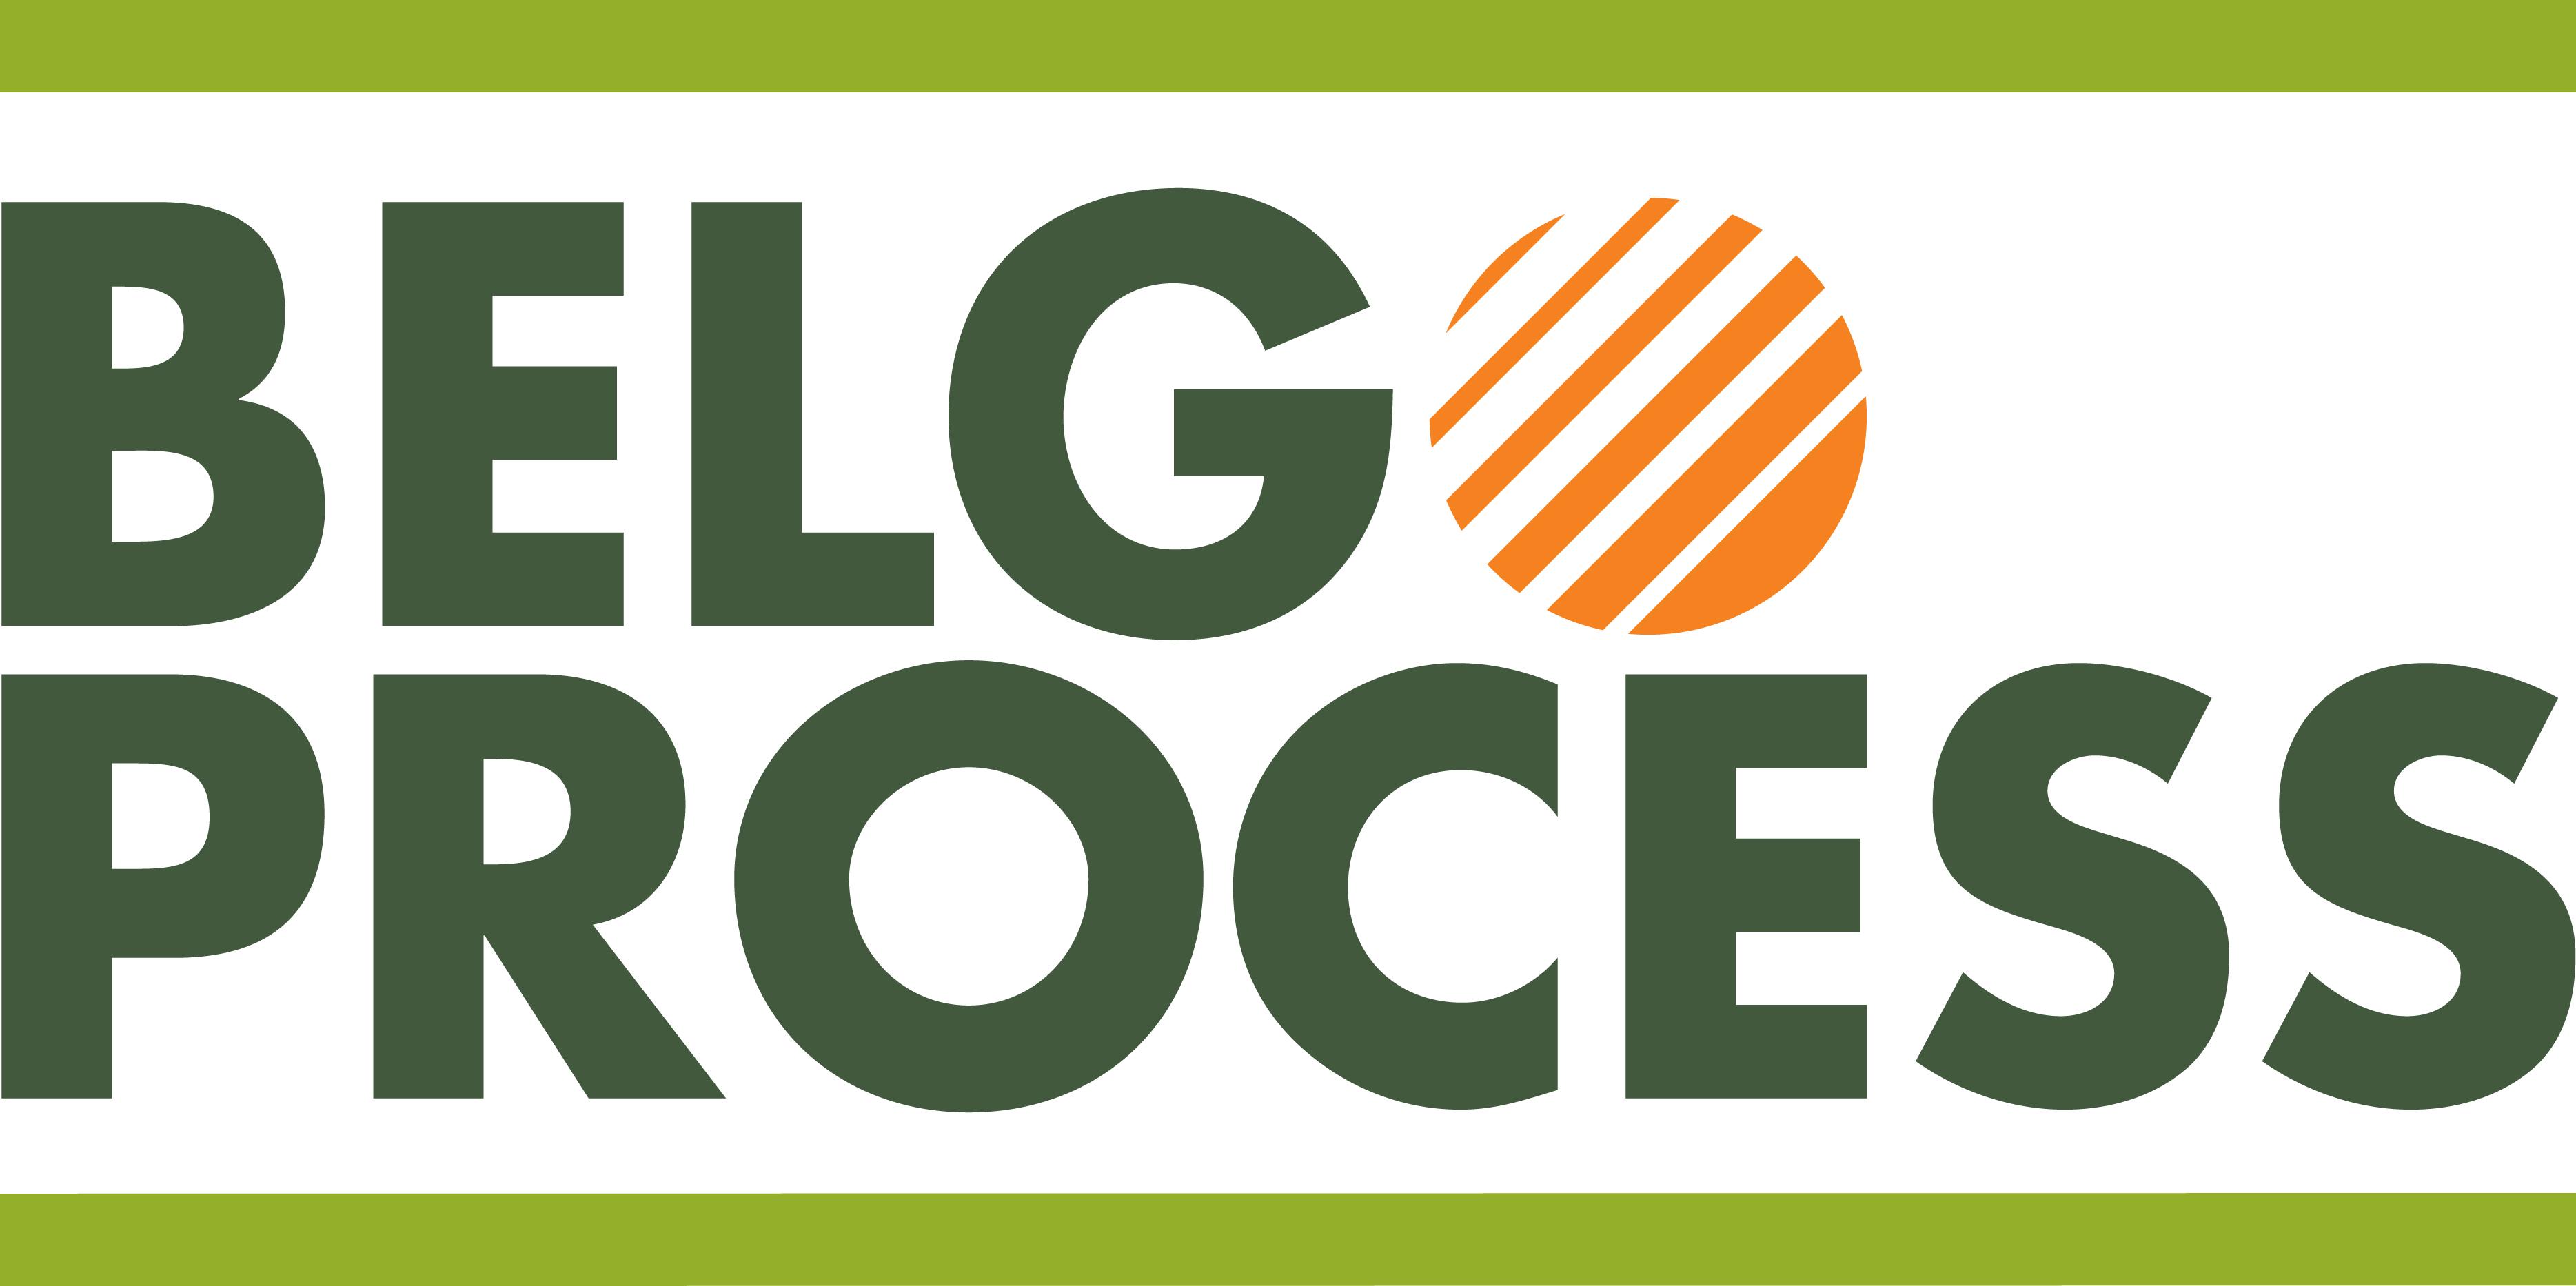 Logo BelgoProcess